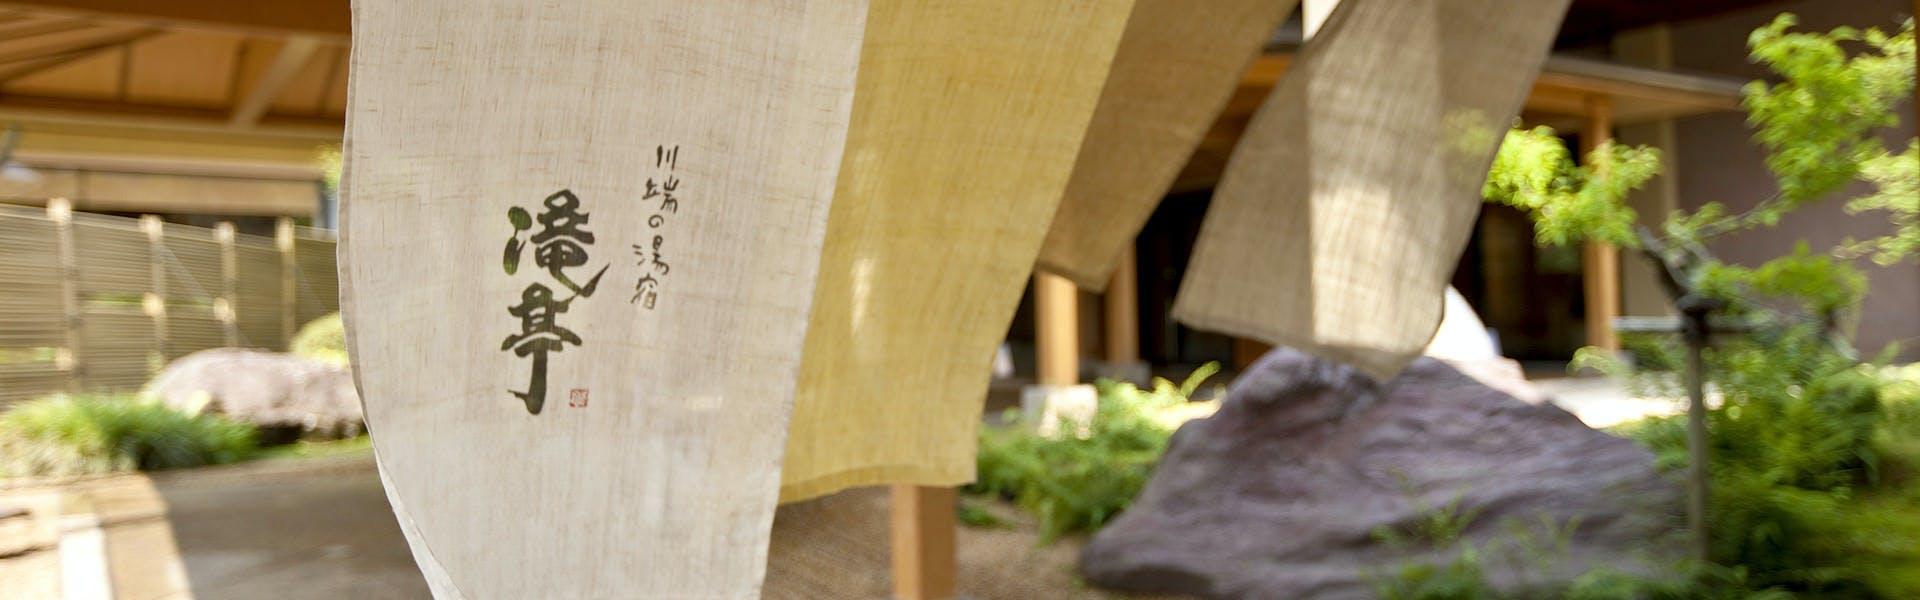 記念日におすすめのホテル・金沢犀川温泉 川端の湯宿 滝亭の写真1